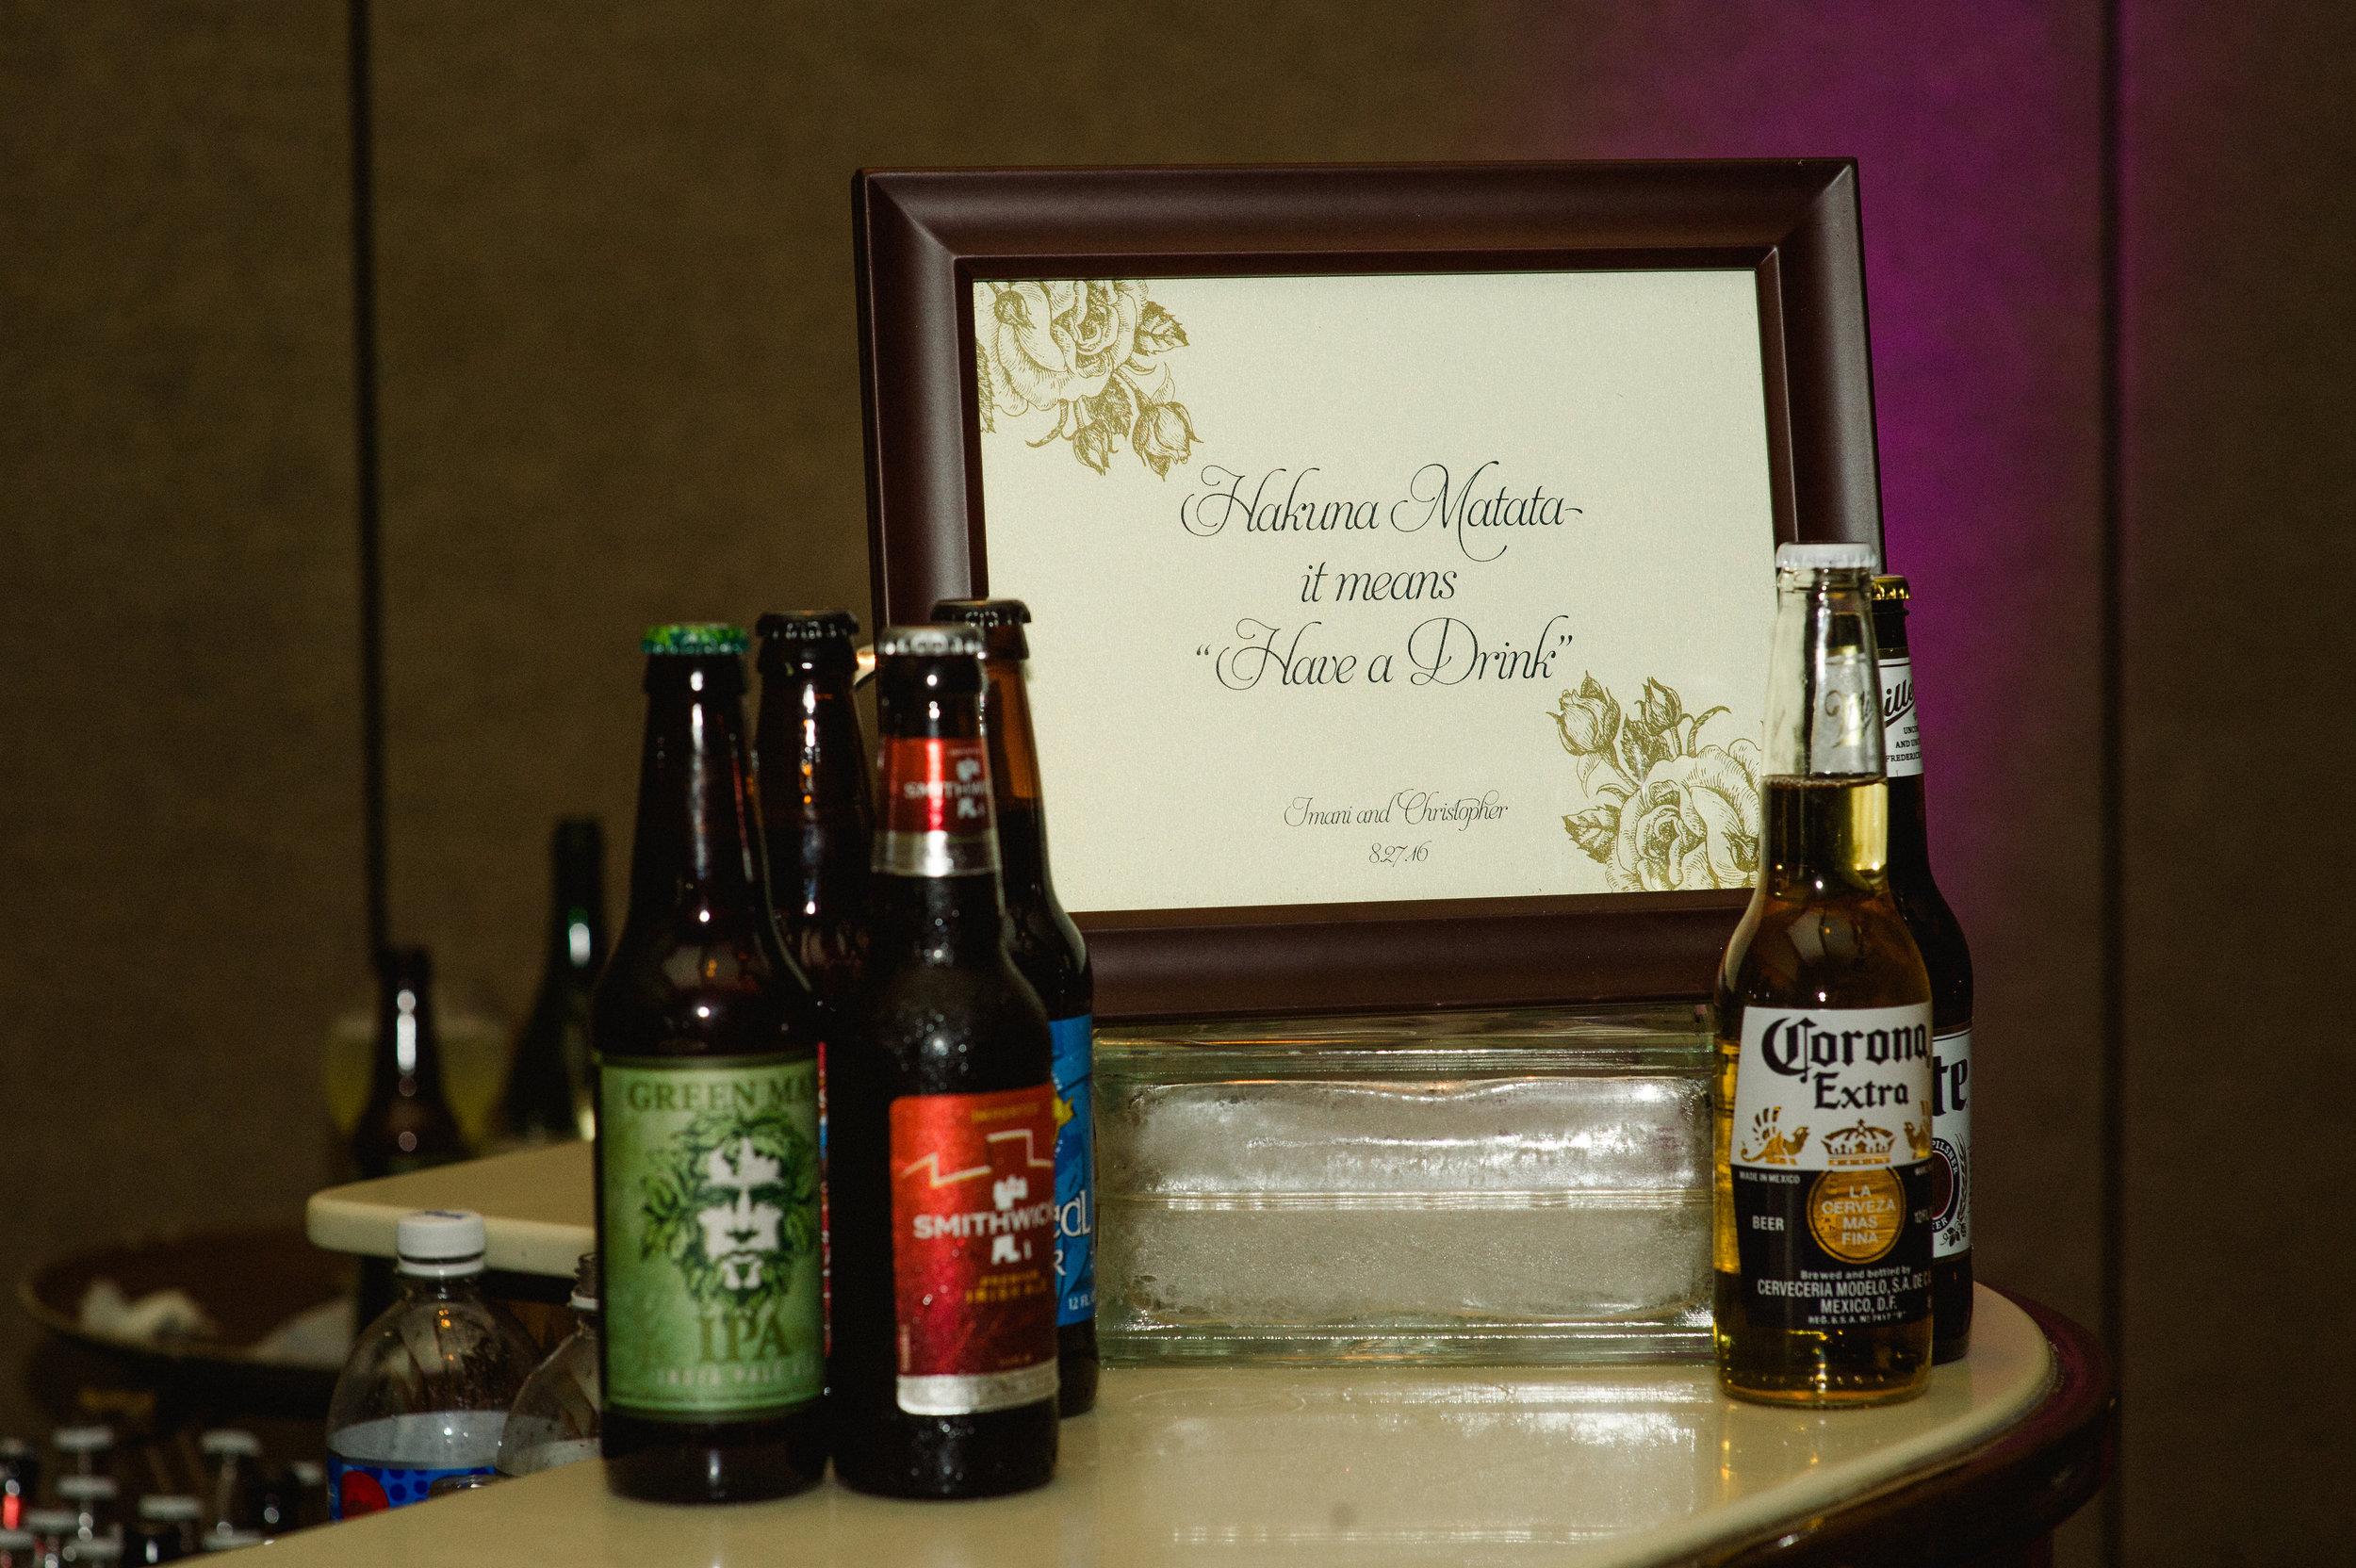 imani&chris|wedding|details-128.jpg